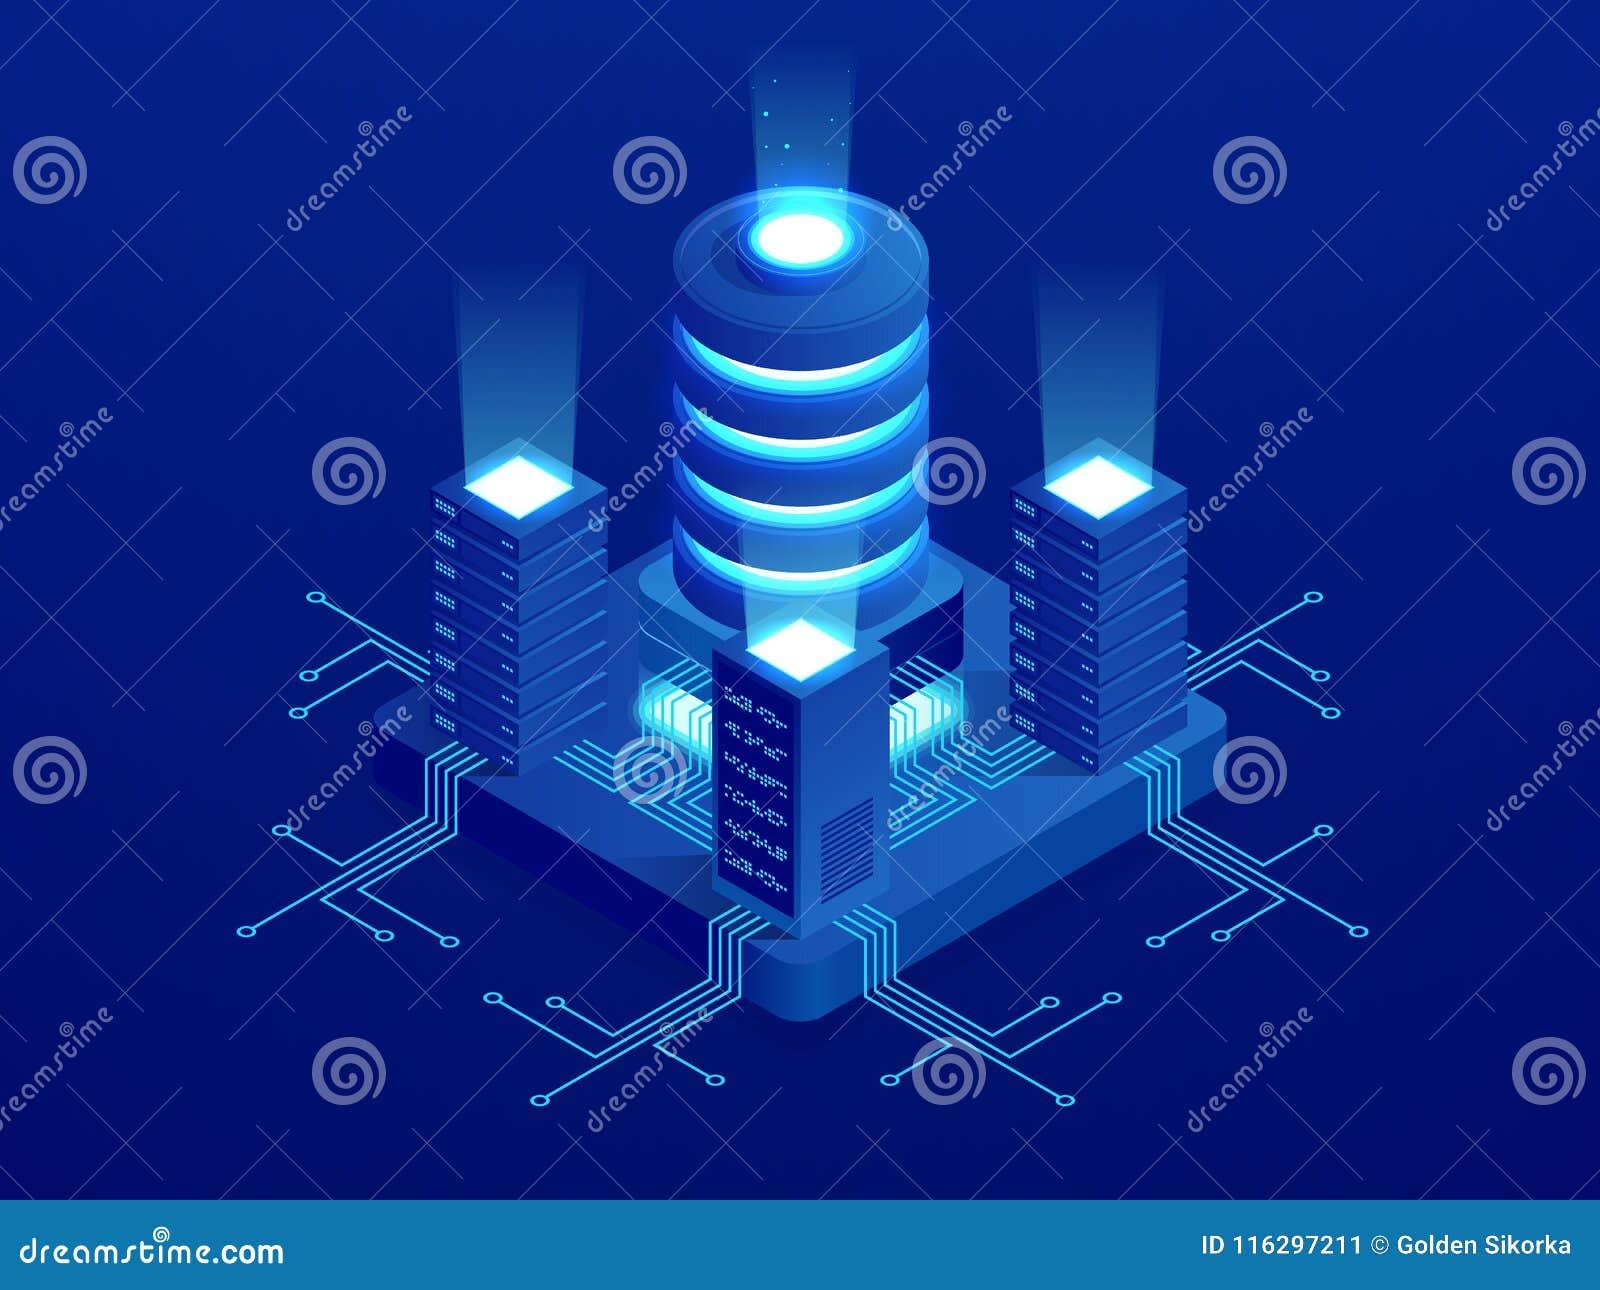 Isometric technologii cyfrowej sieci sztandar DUZI dane Maszynowego uczenie algorytmy Analiza i informacja Duży dane dostęp